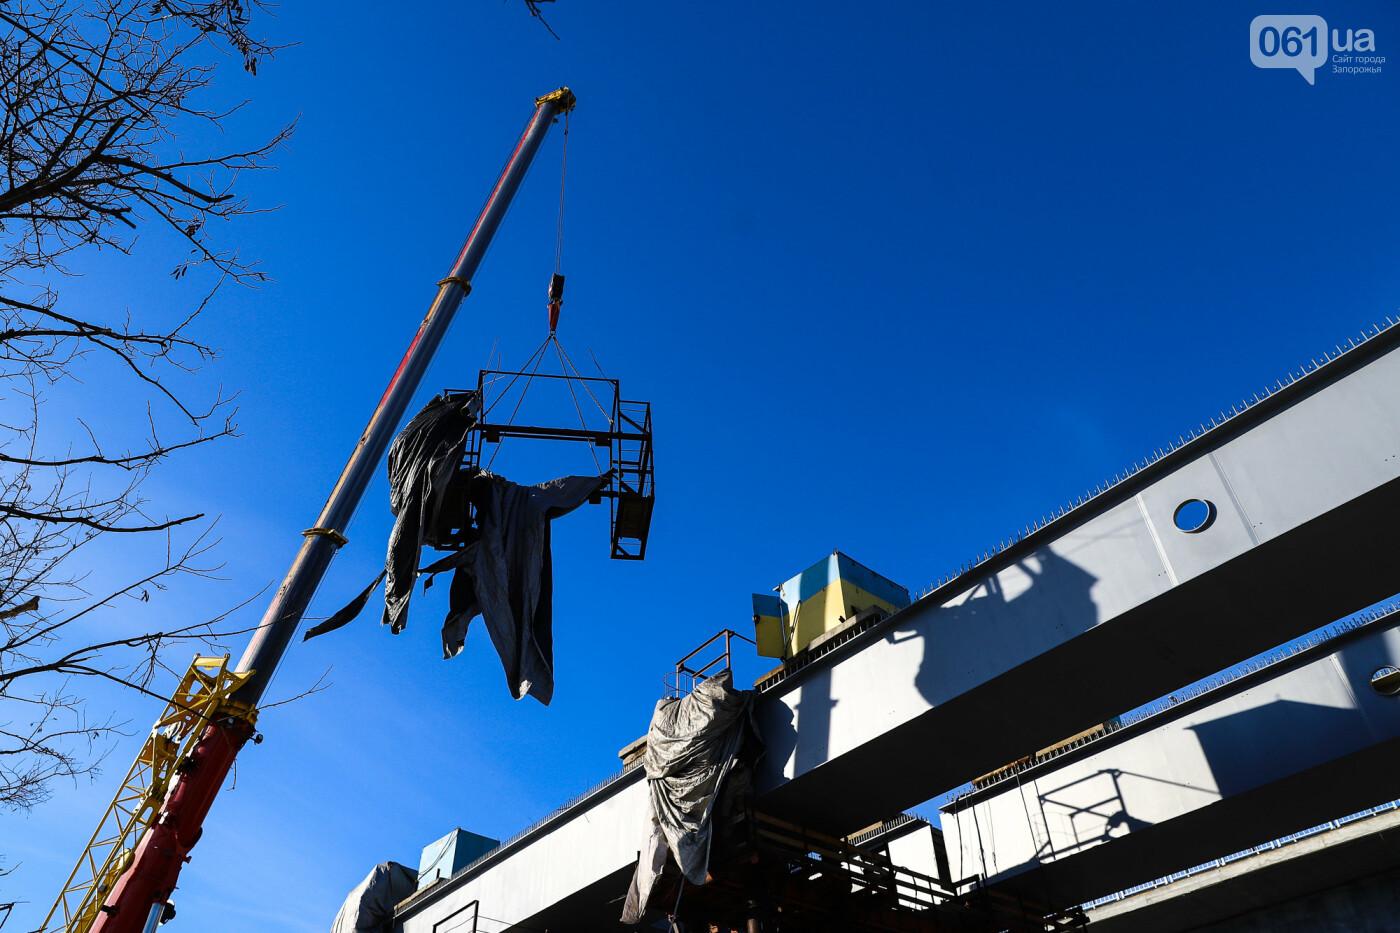 Кран с иностранной пропиской, ванты и металл: строительство запорожских мостов в фотографиях, фото-32